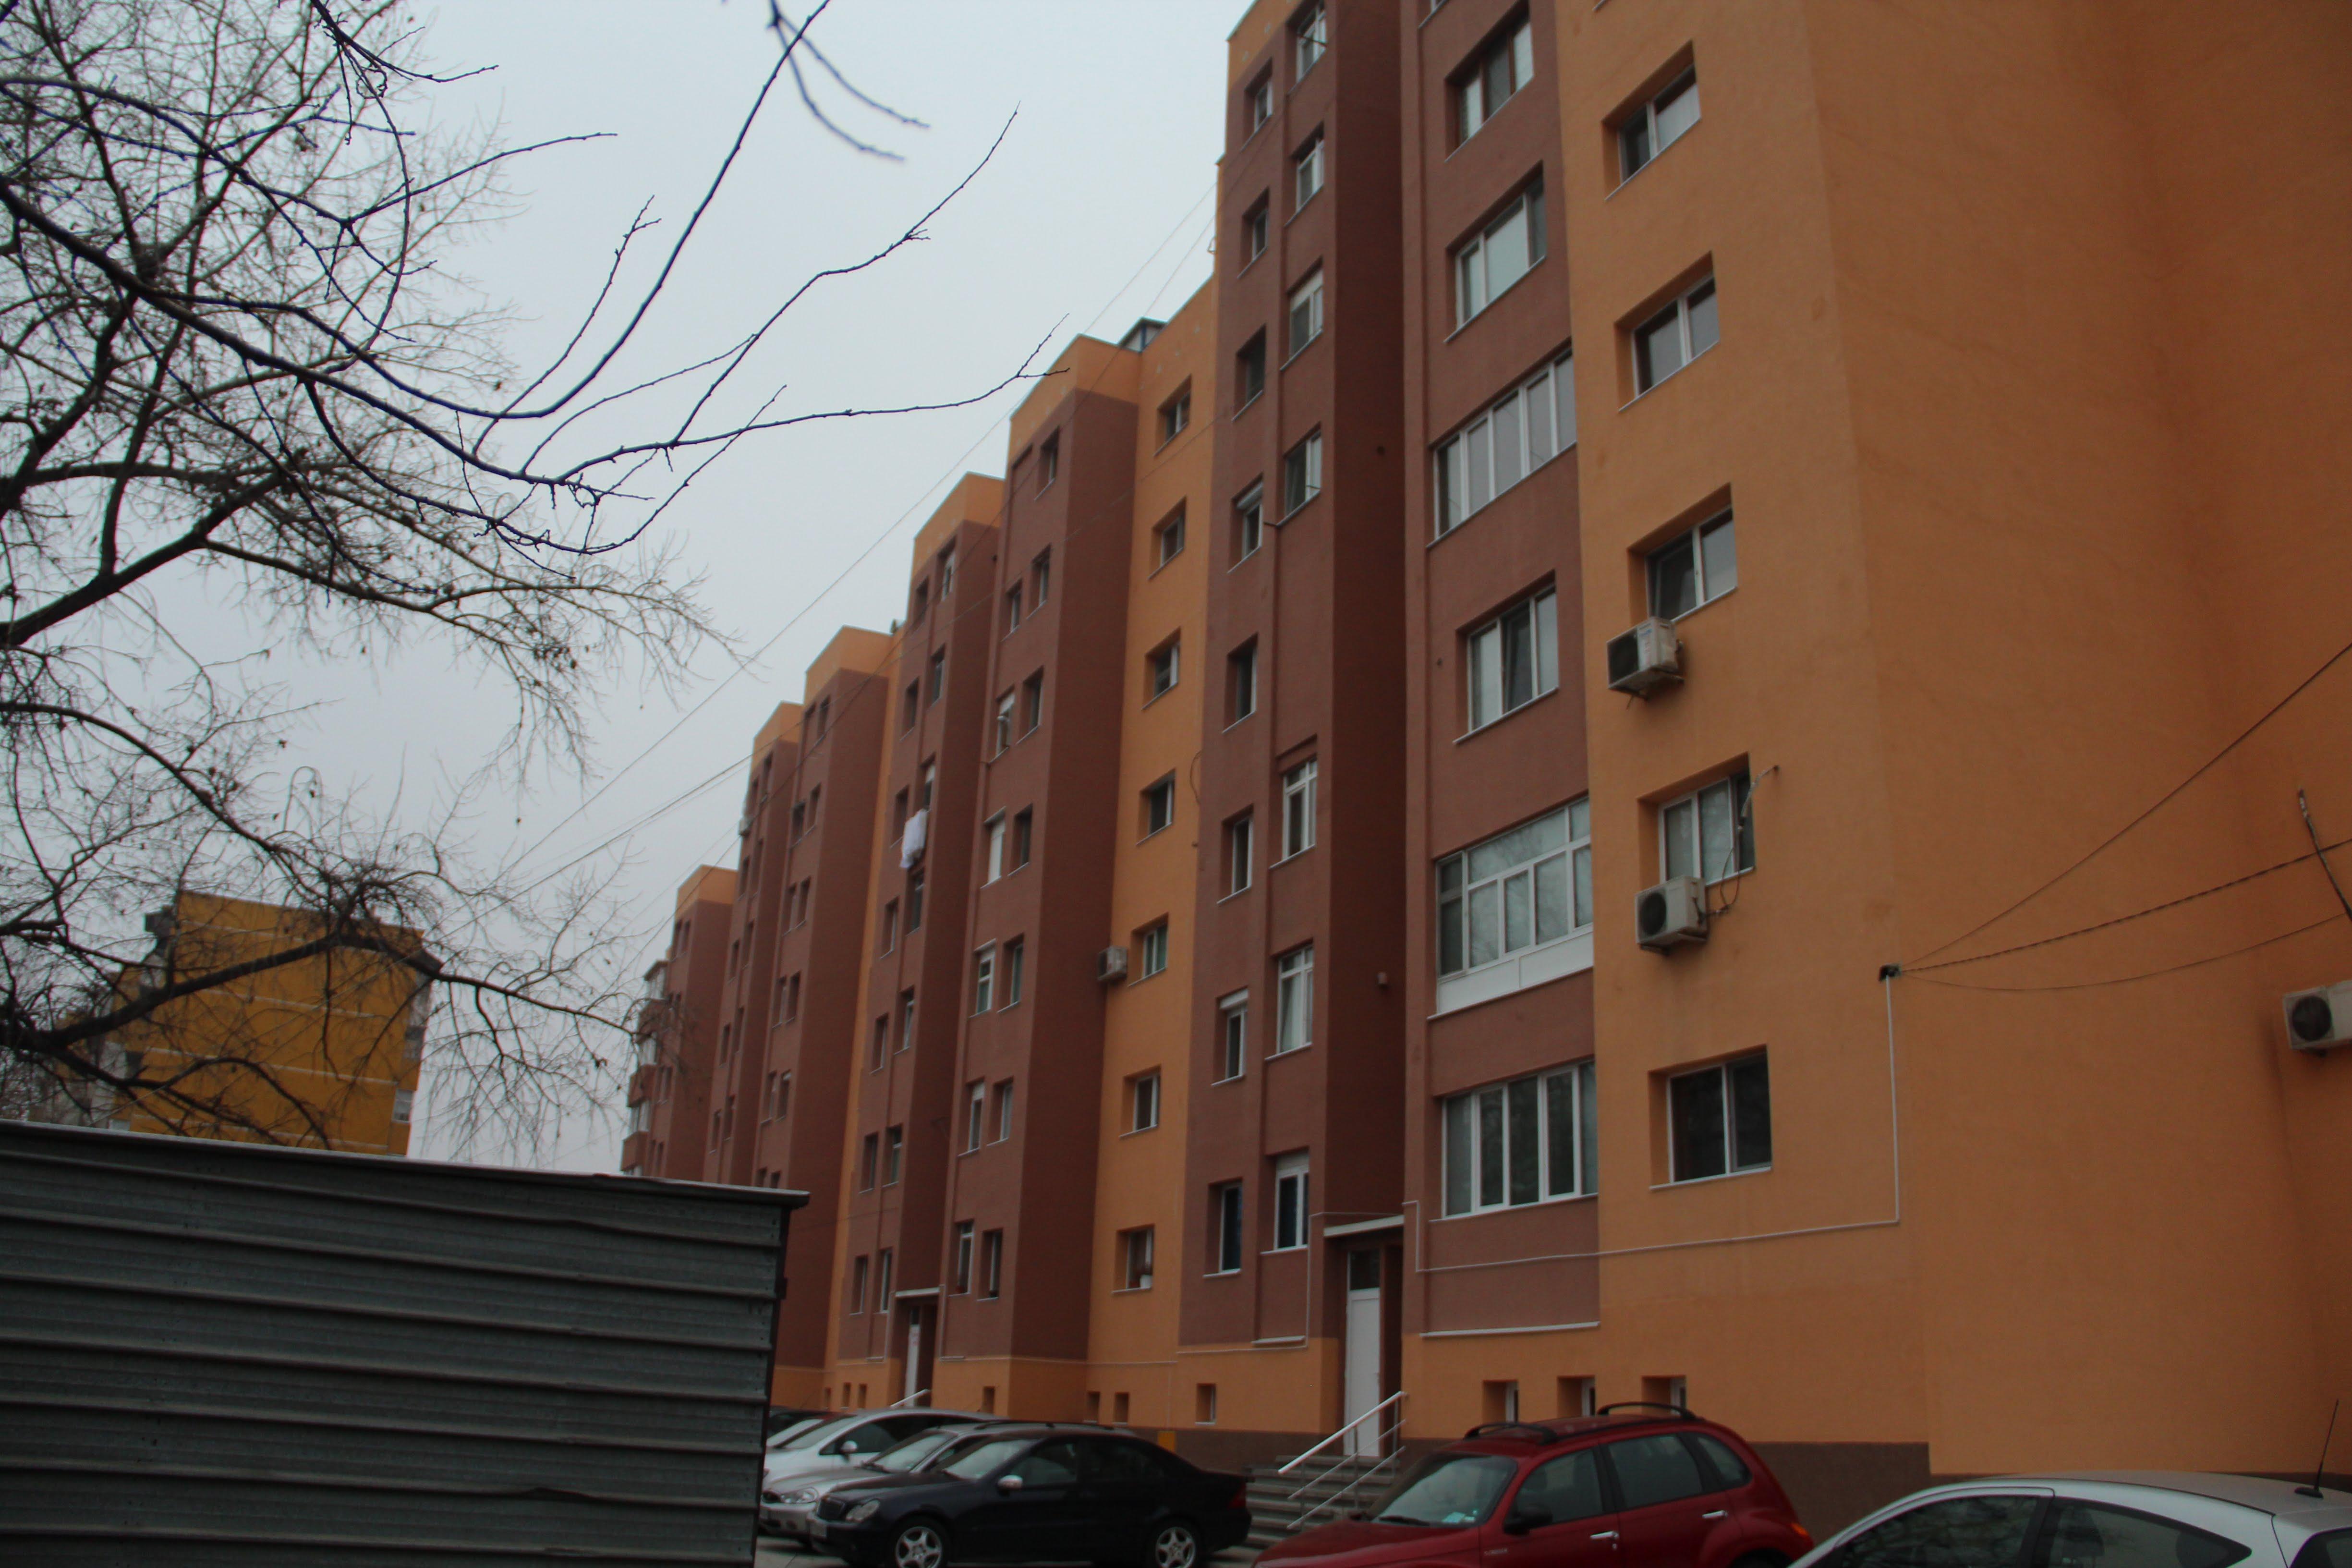 Саниране на Многофамилна жилищна сграда в гр.Пазарджик ул.Димчо Дебелянов 8,10,12,14